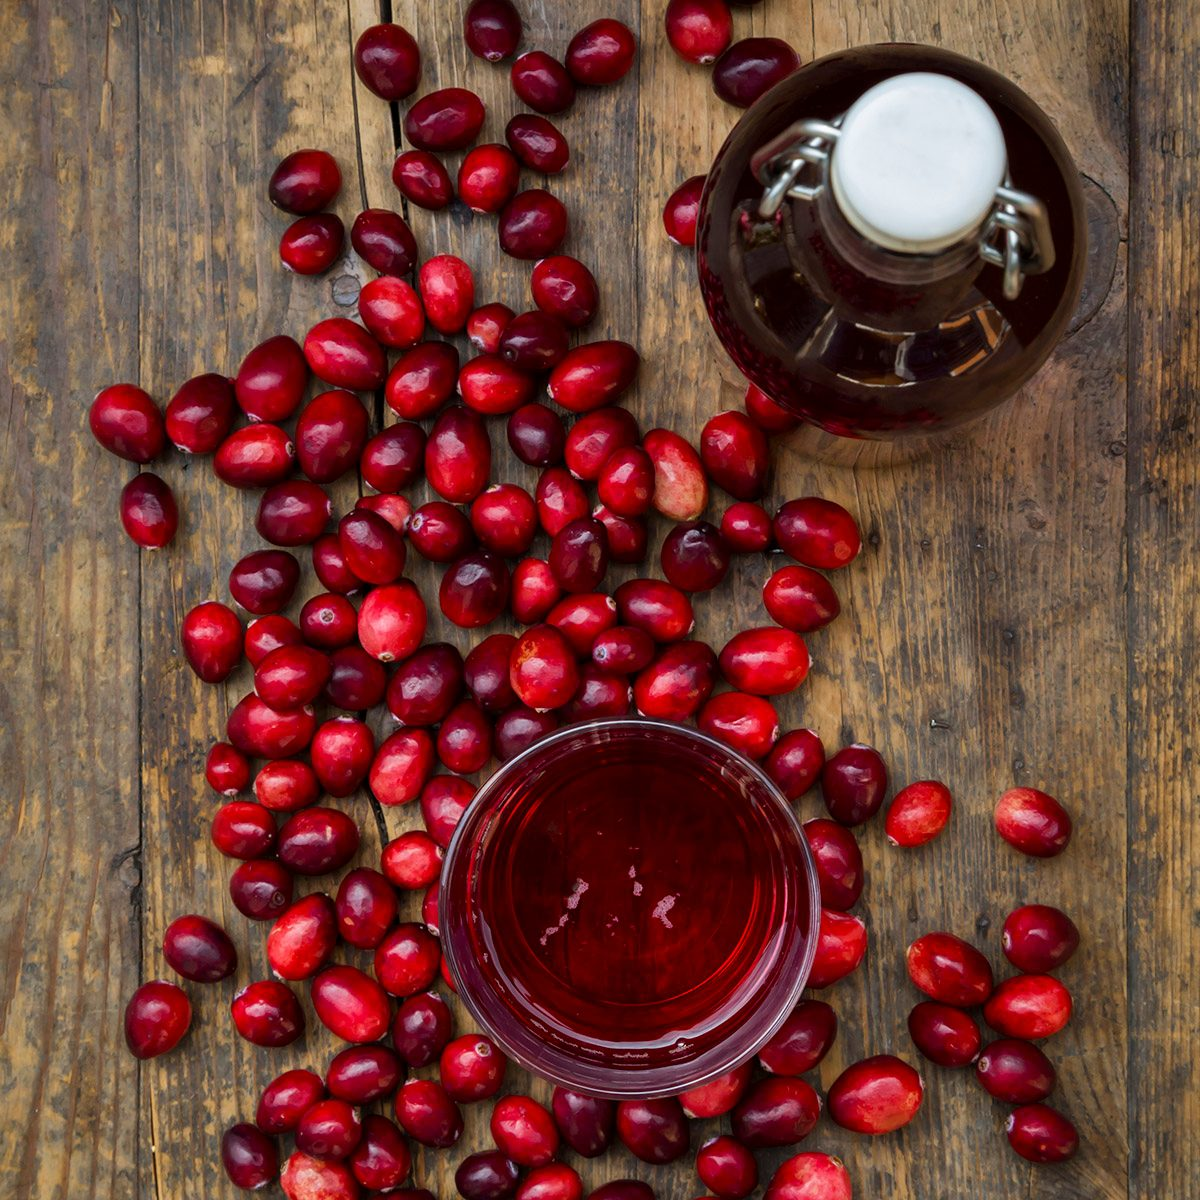 Deutschland, Studio, Cranberry-Saft und Cranberries